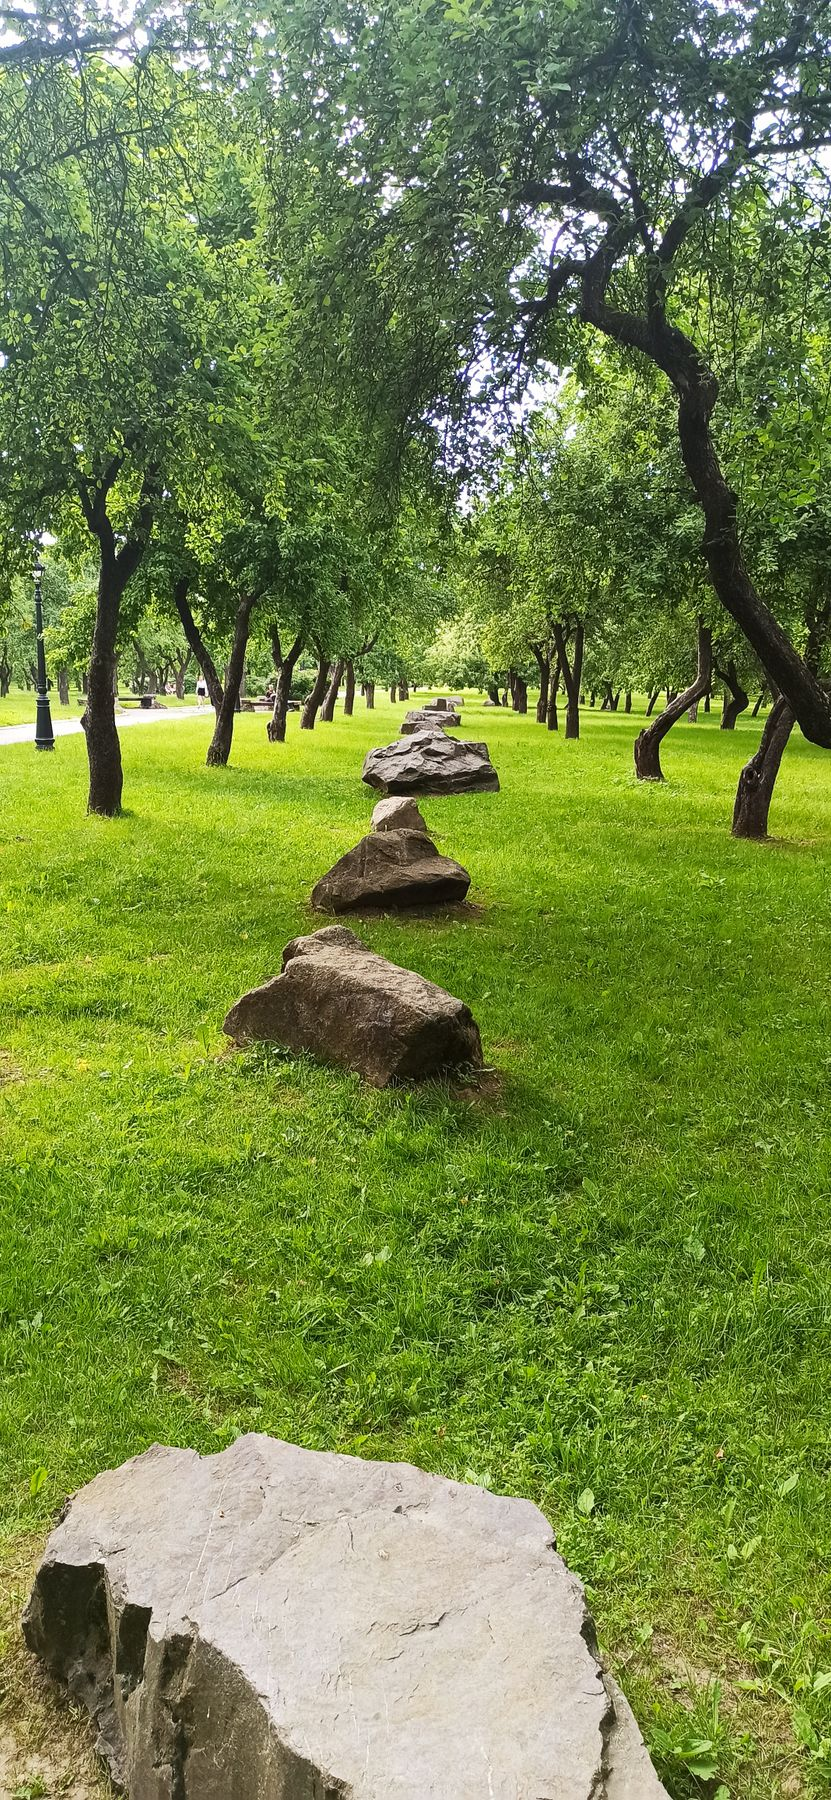 Время собирать камни парк природа деревья сад камни